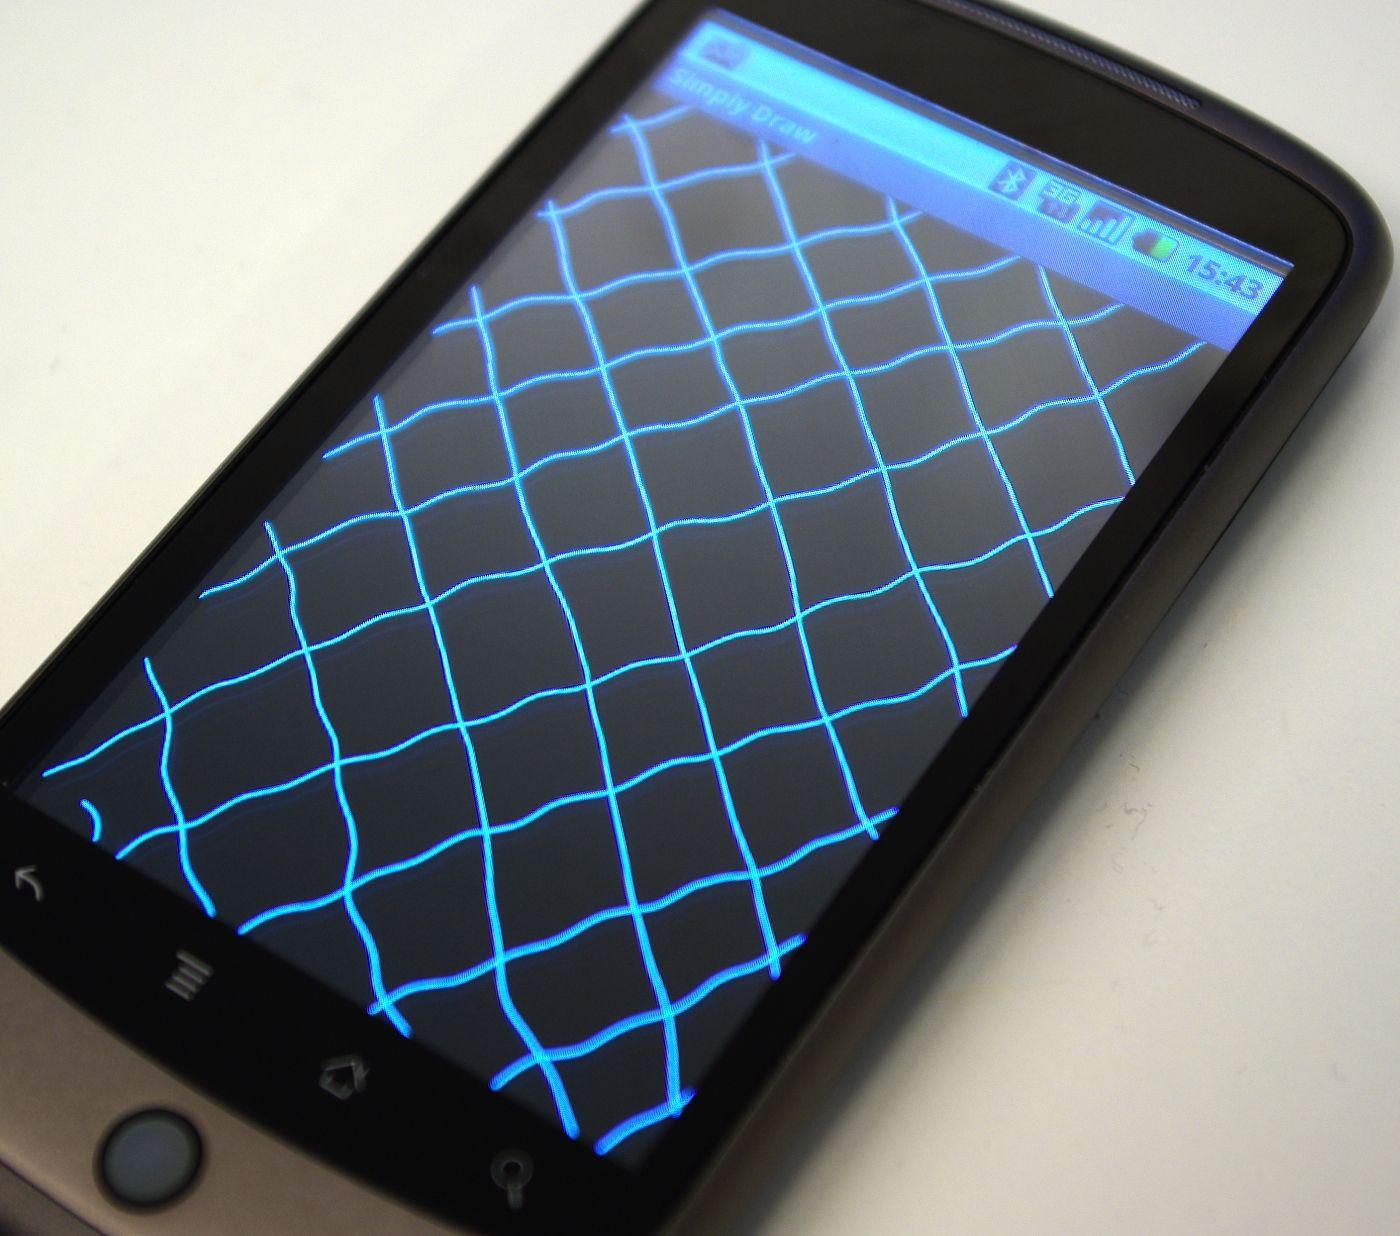 Jo rettere de diagonale linjene er (tegnes sakte med fingeren), jo mer presis er skjermen. Nexus One er svært presis i kantene, men ellers litt mindre presis enn Iphone.